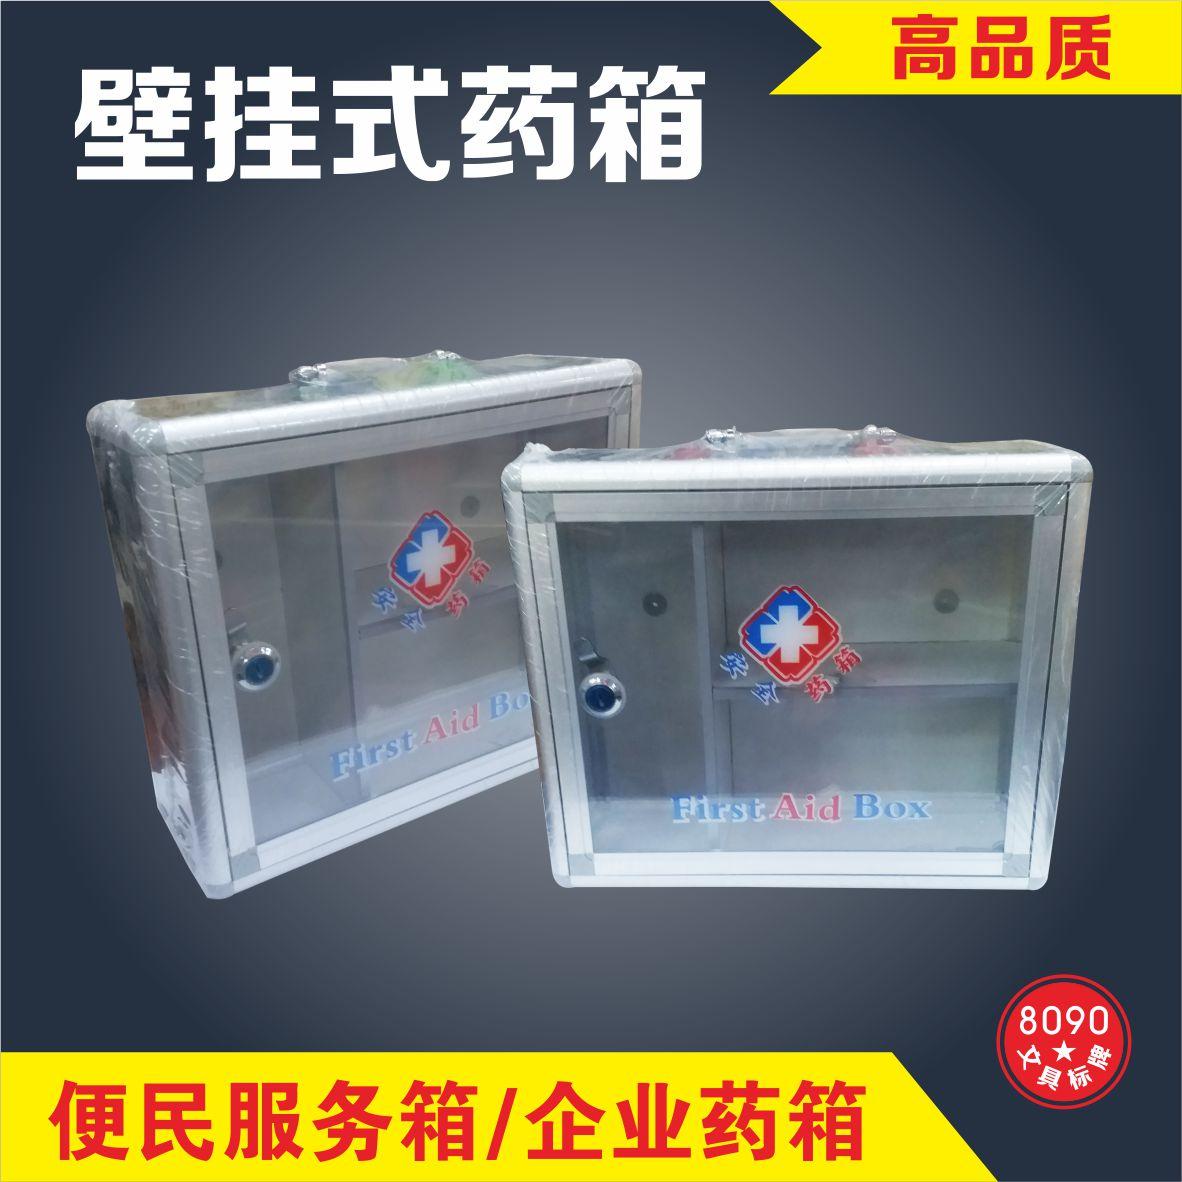 家庭药箱家用壁挂式便民服务箱药品应急急救收纳箱特大小号便民箱